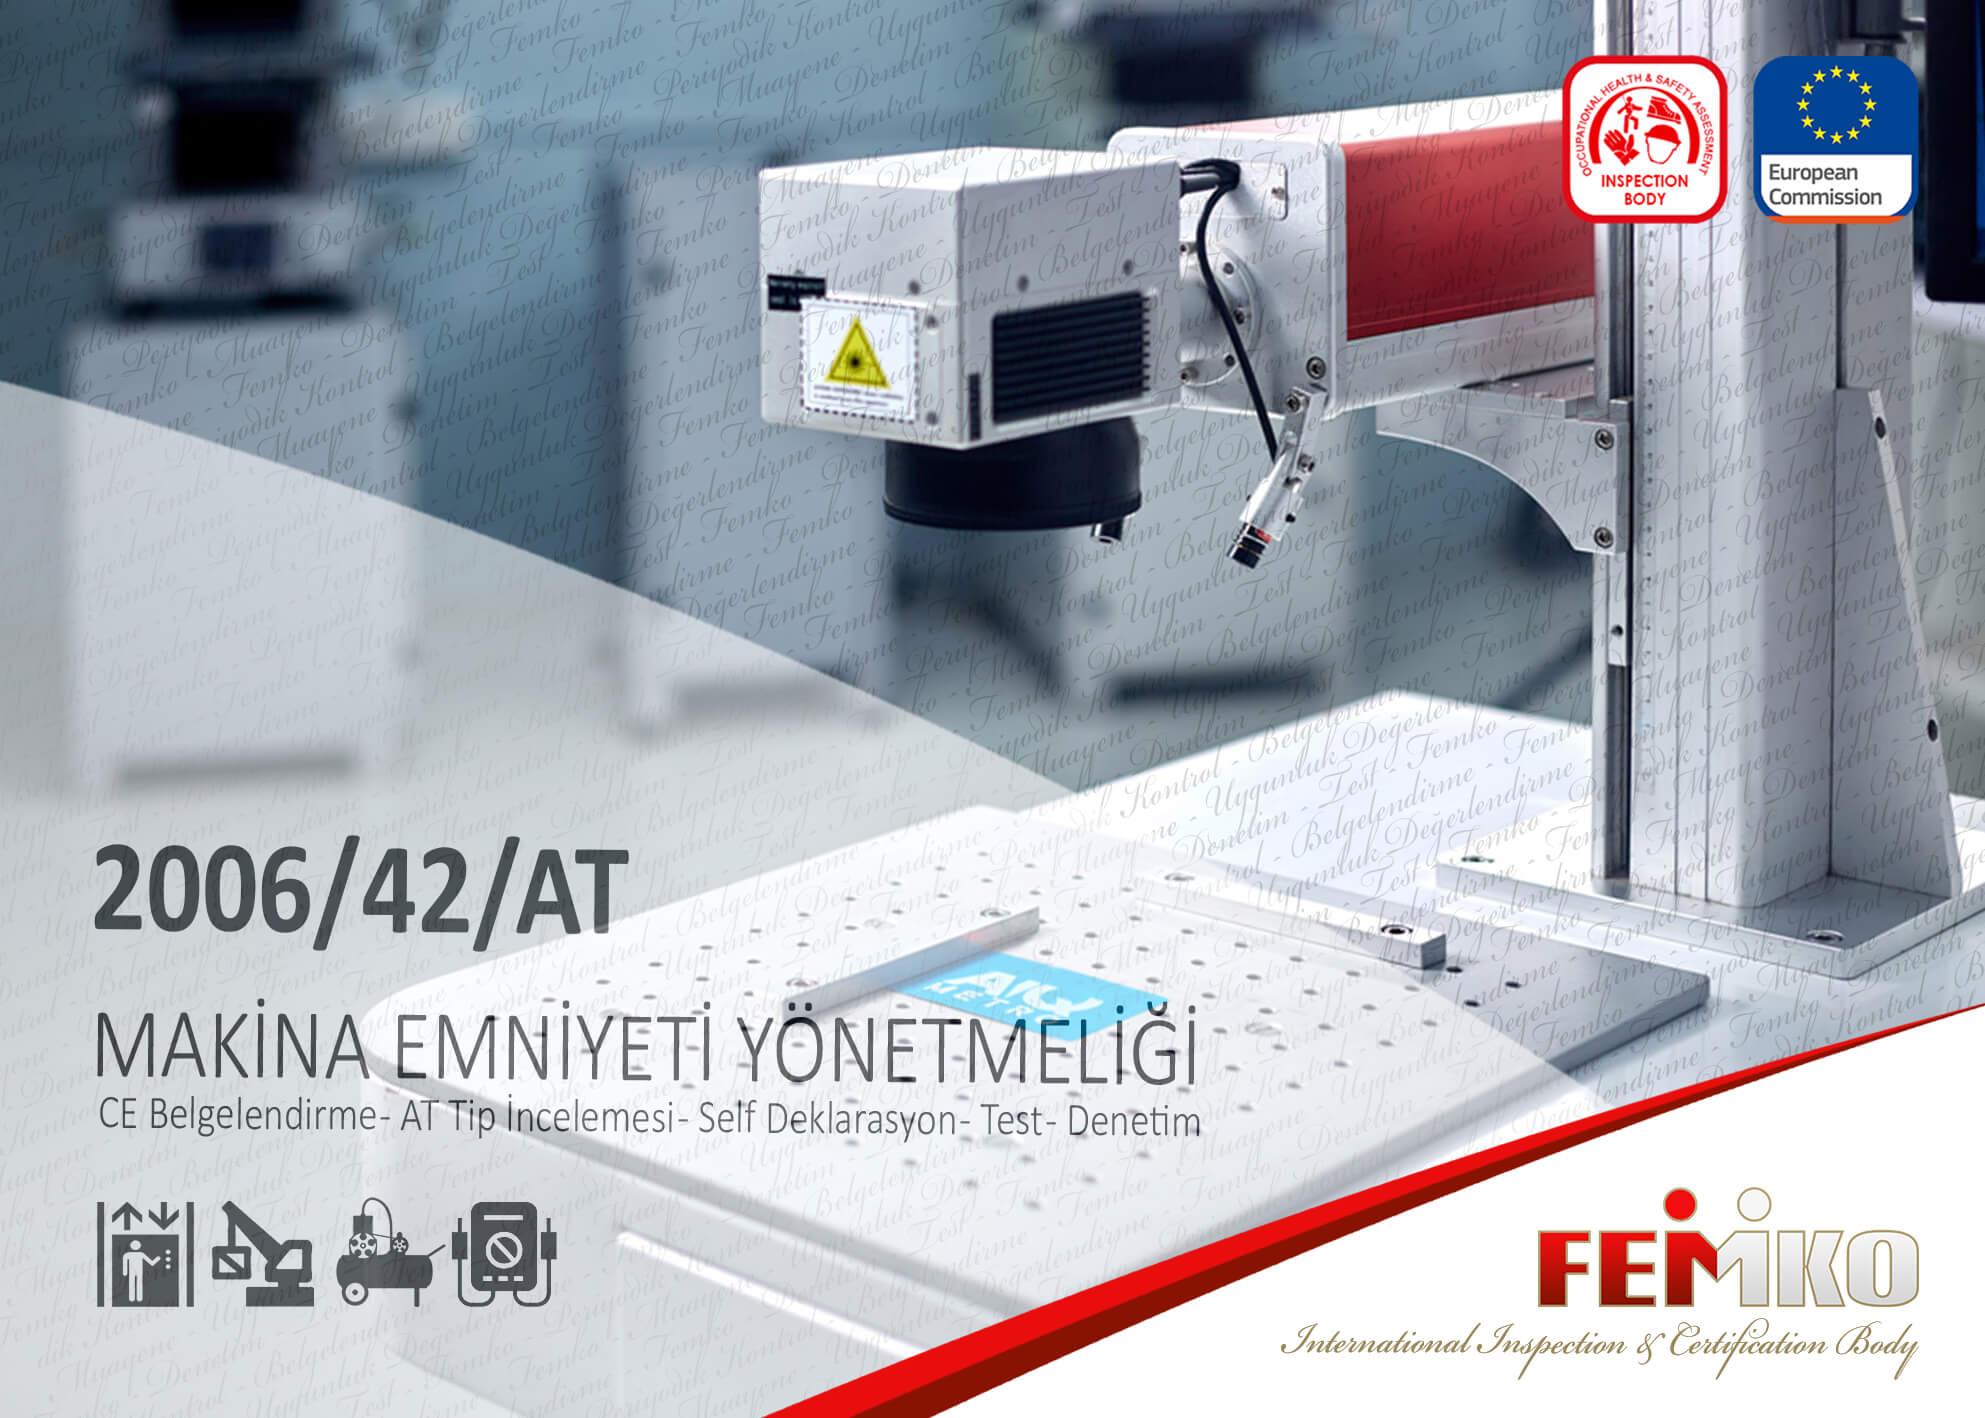 Lazer Markalama Makinaları – CE Belgesi